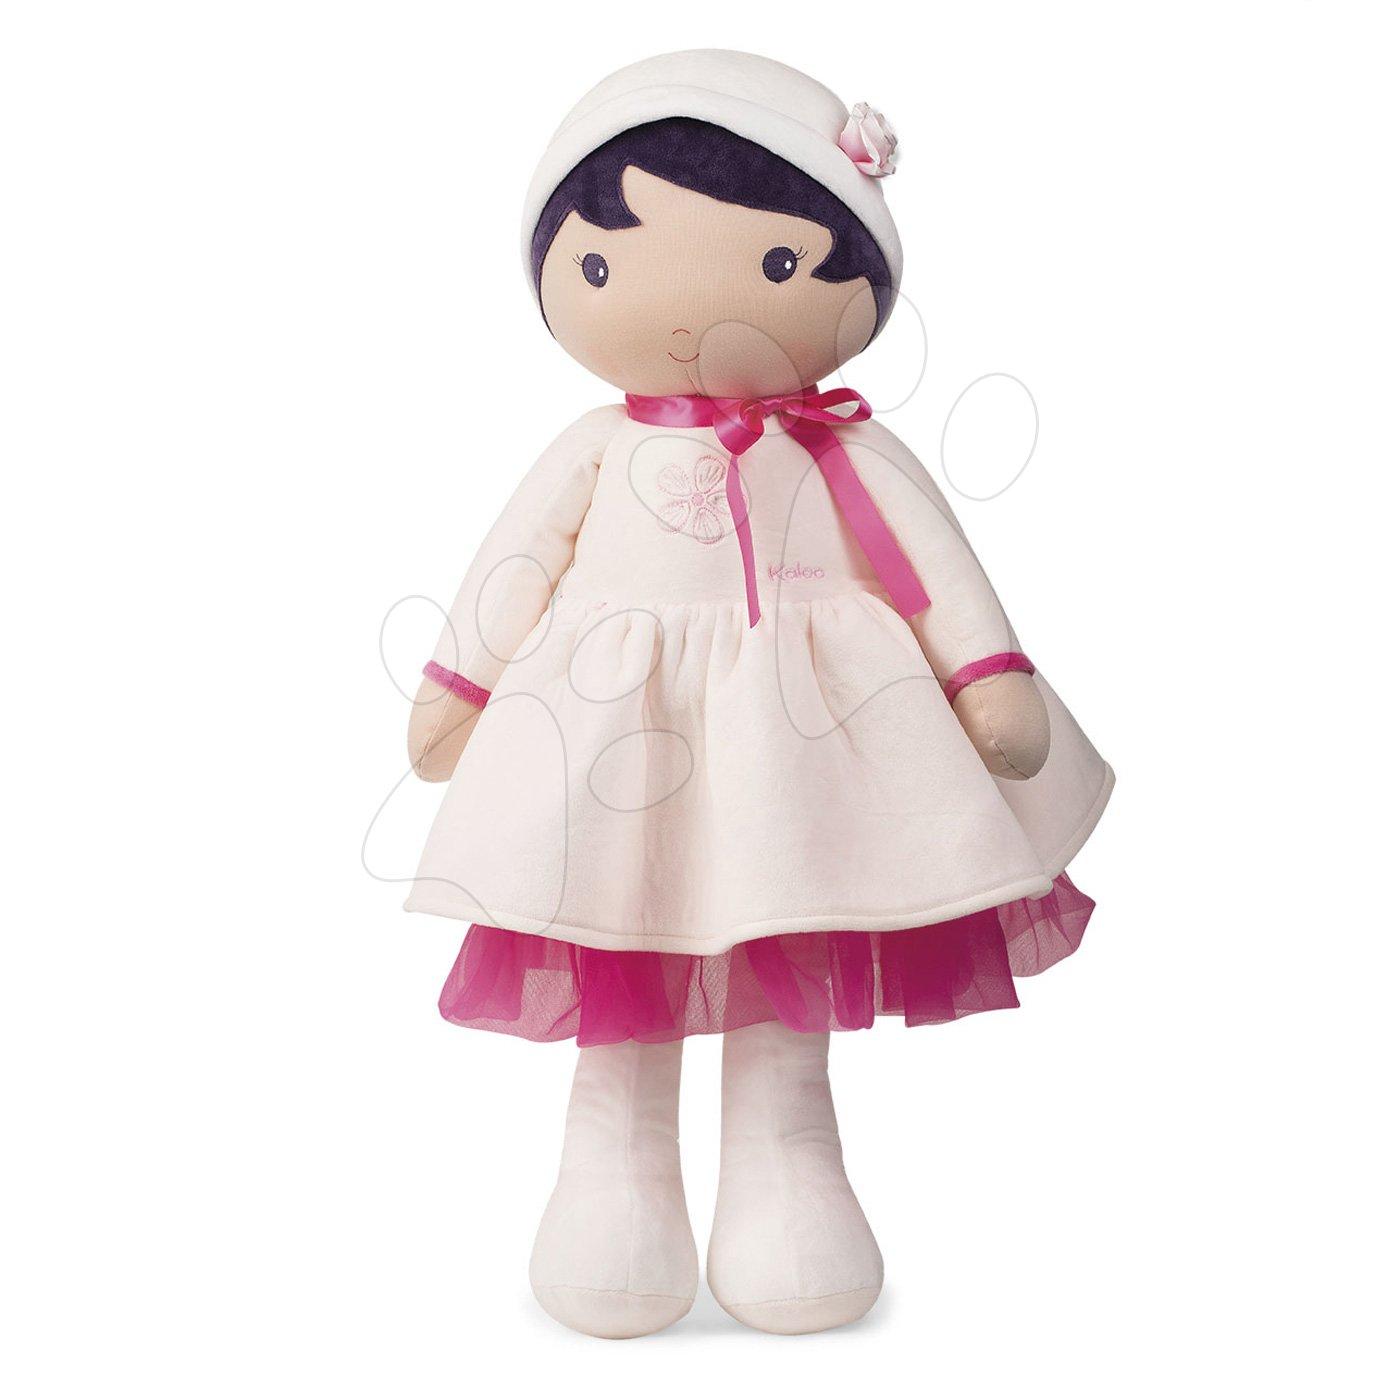 Bábika pre bábätká Perle K Tendresse doll XXL Kaloo 80 cm v bielych šatách z jemného textilu